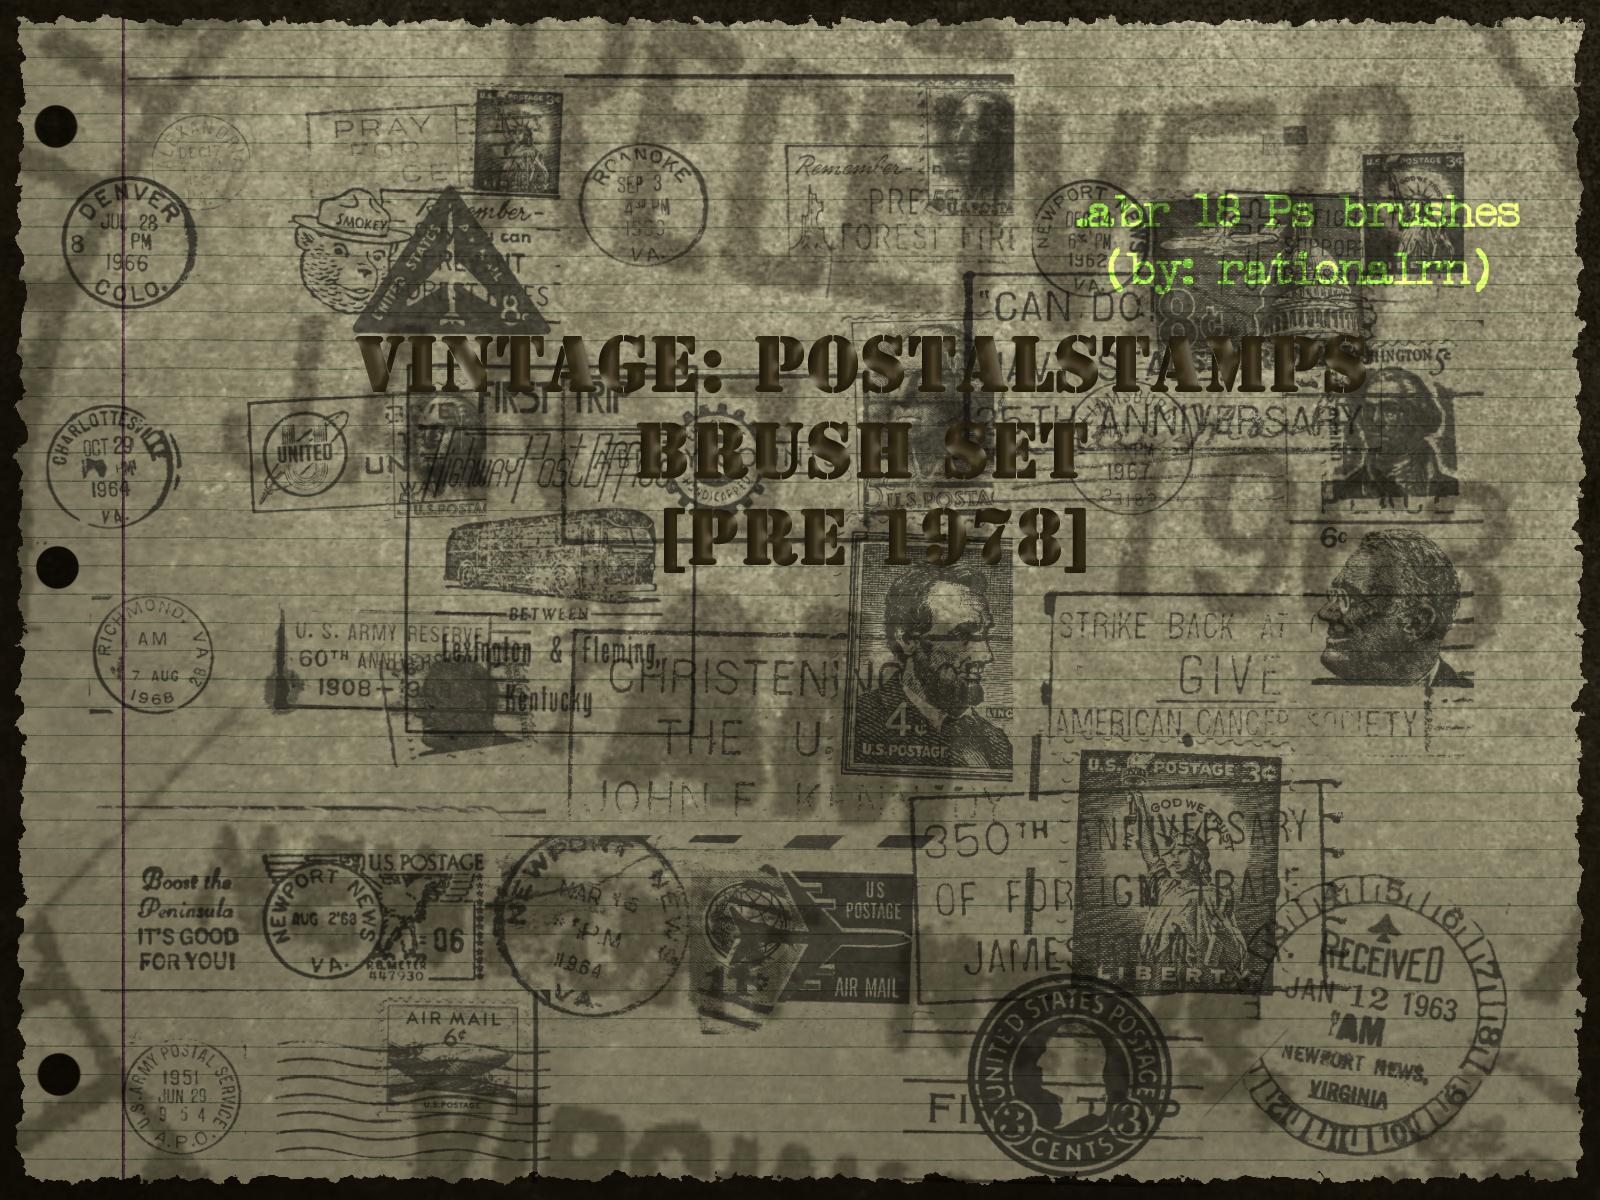 Vintage: postage stamps brushes